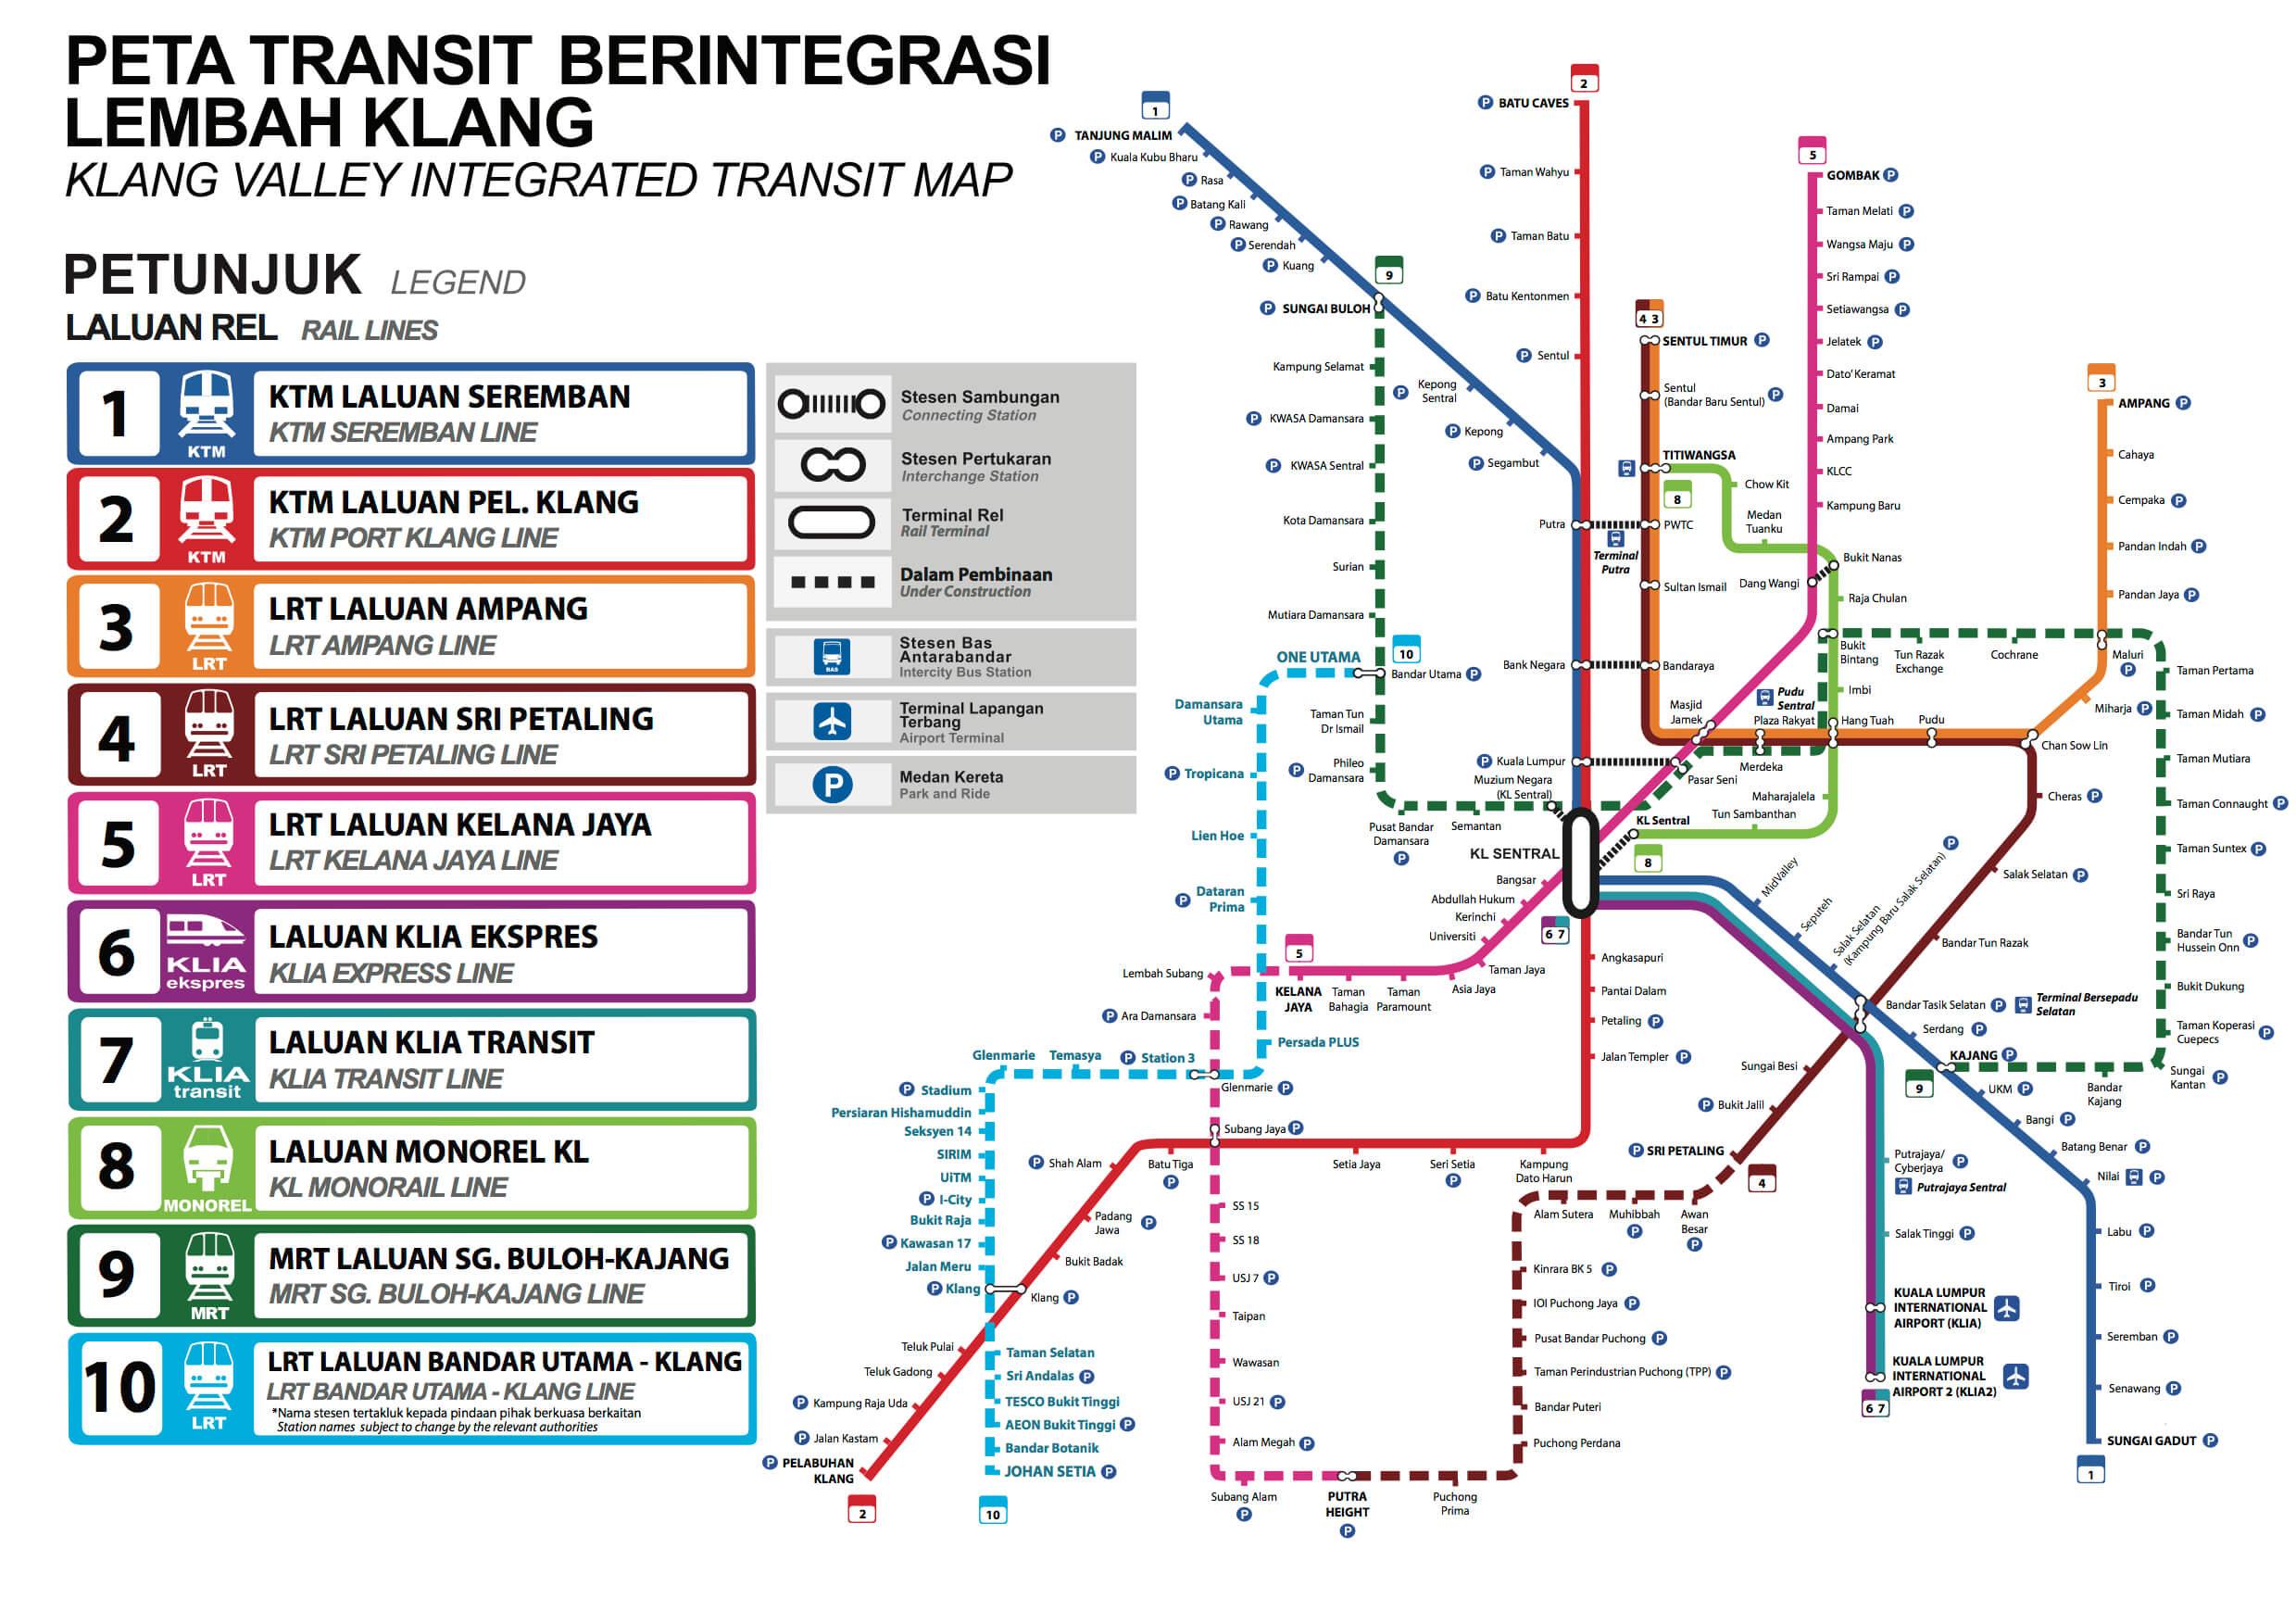 吉隆坡地鐵圖 : 單軌列車、輕快鐵、火車